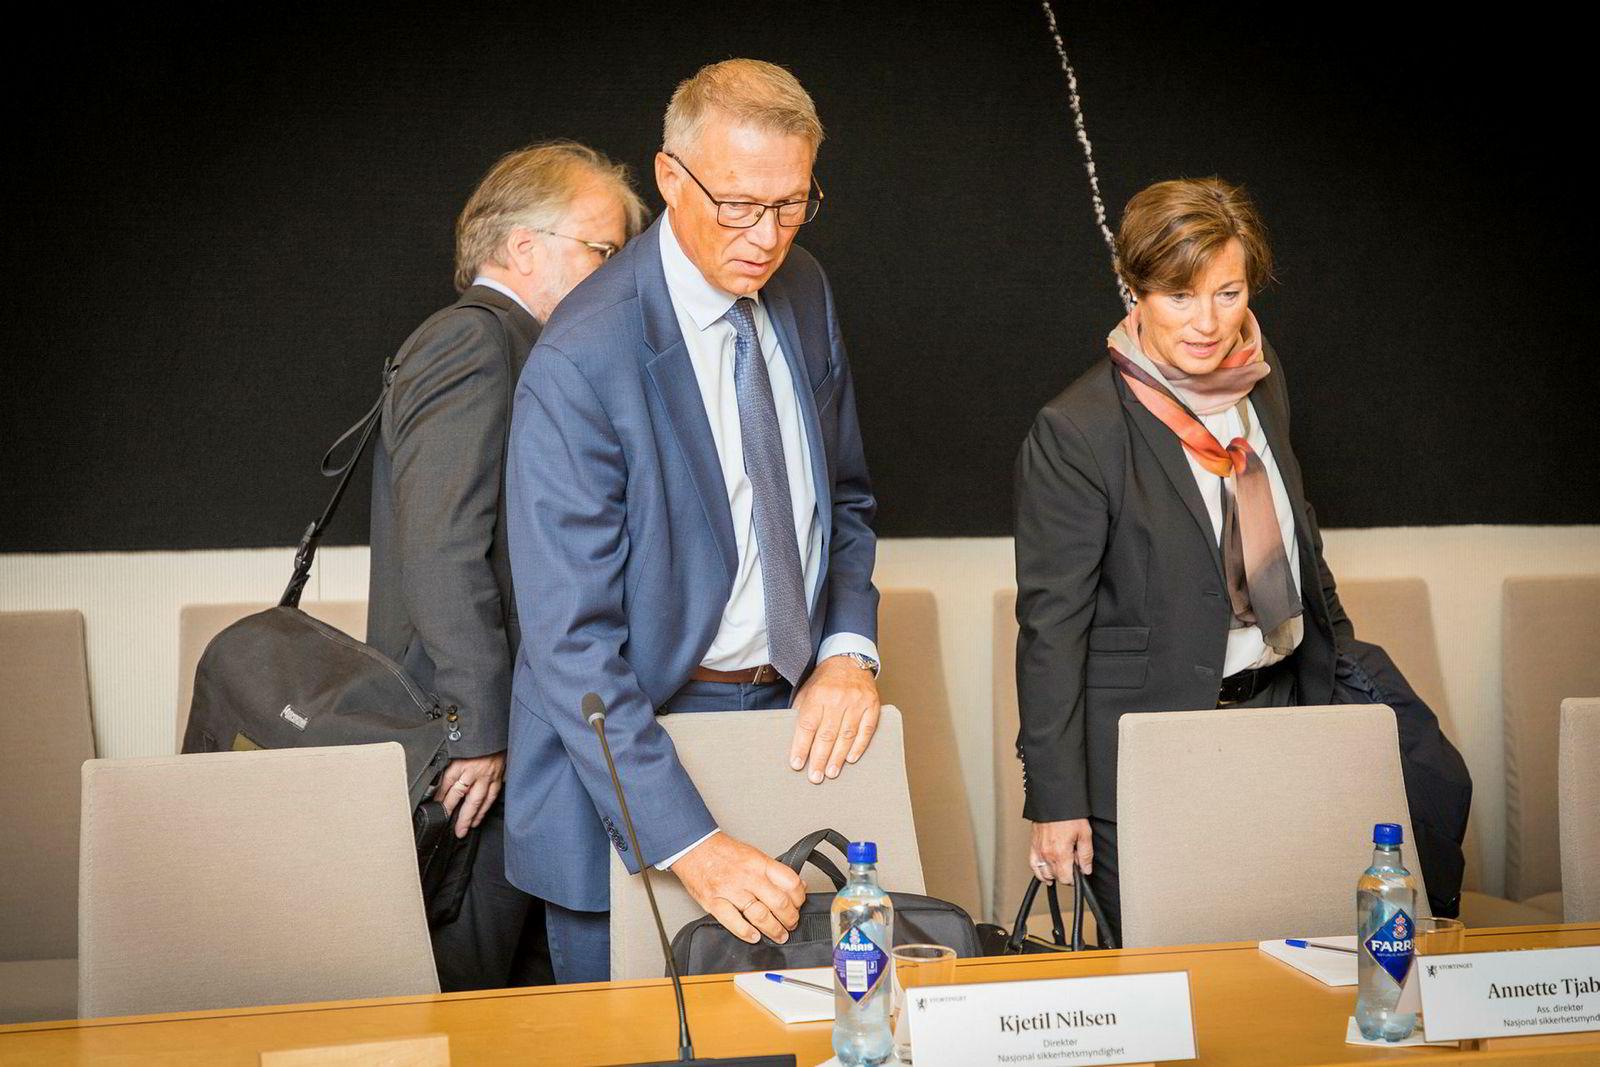 Direktør ved Nasjonal sikkerhetsmyndighet, Kjetil Nilsen, ankom høringen fulgt av assisterende direktør Annette Tjaberg (t.h.) og fungerende stabssjef i kontrollavdelingen Jørn Andreas Arnesen (bak).